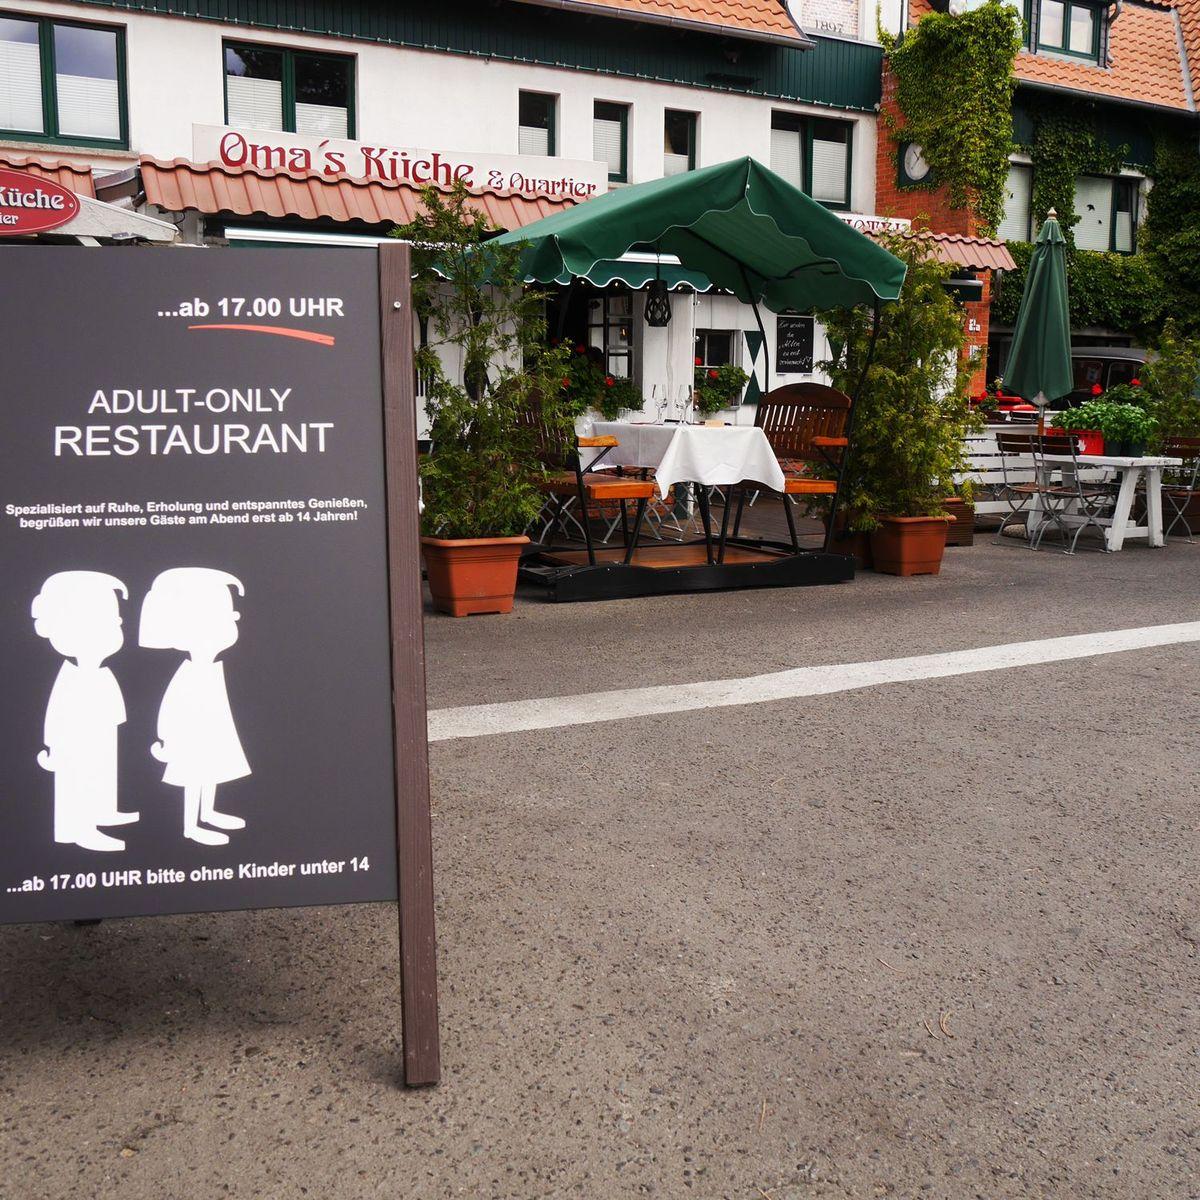 Rügen: In diesem Restaurant sind Kinder abends unerwünscht - DER